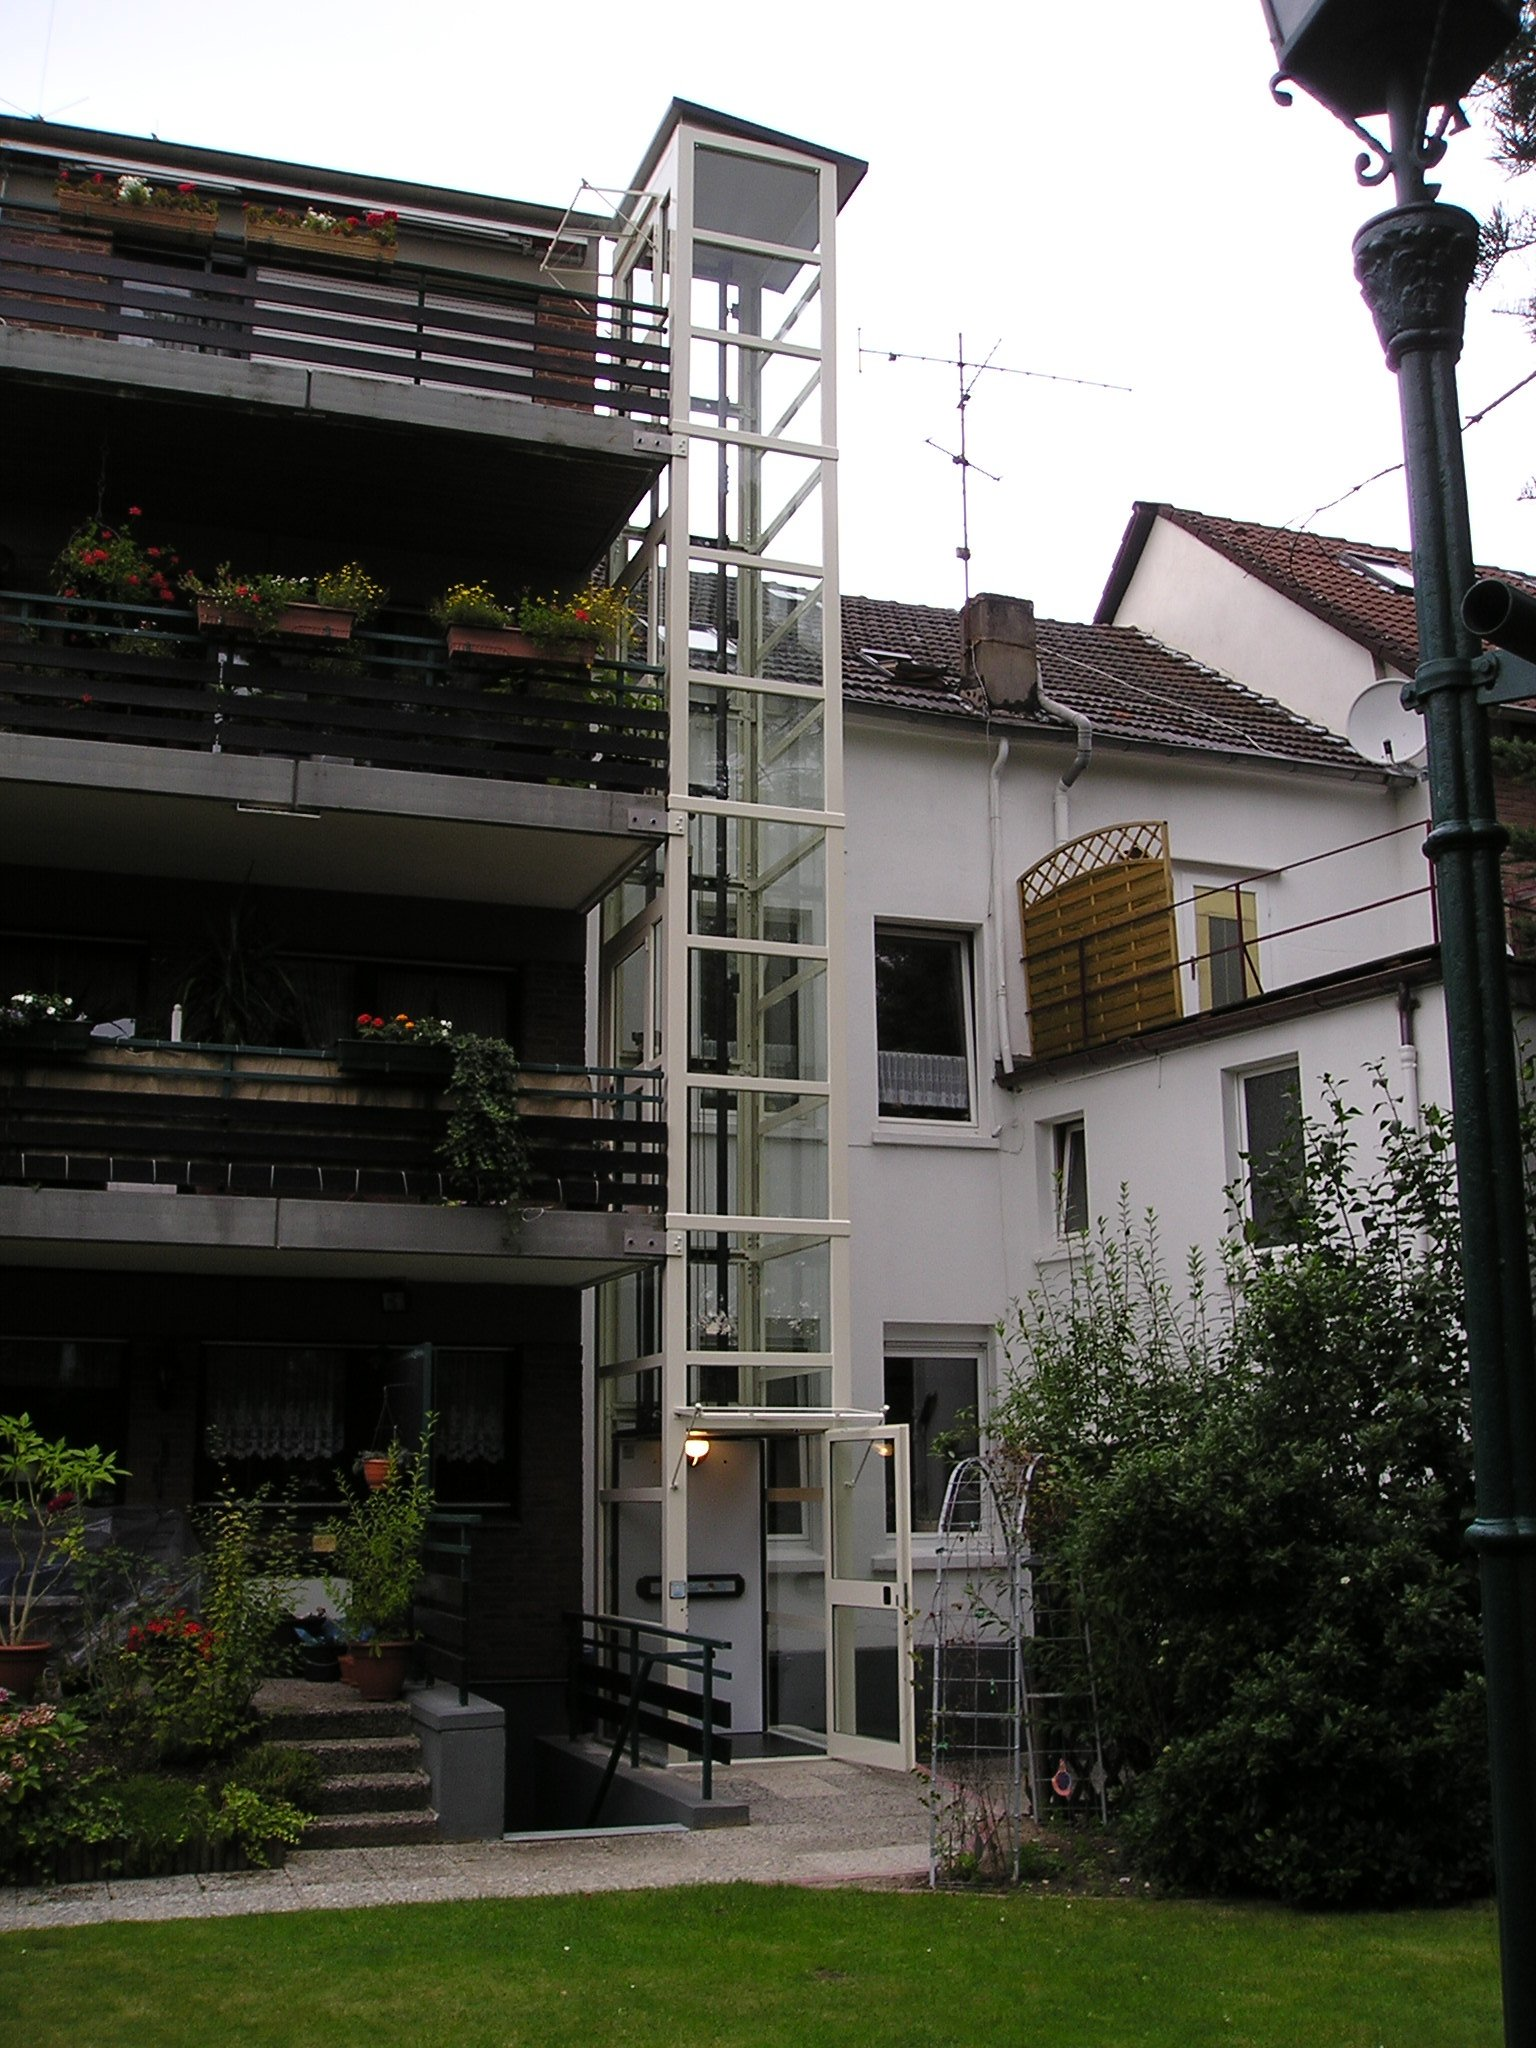 Weißer Glasaufzug neben Balkonen installiert